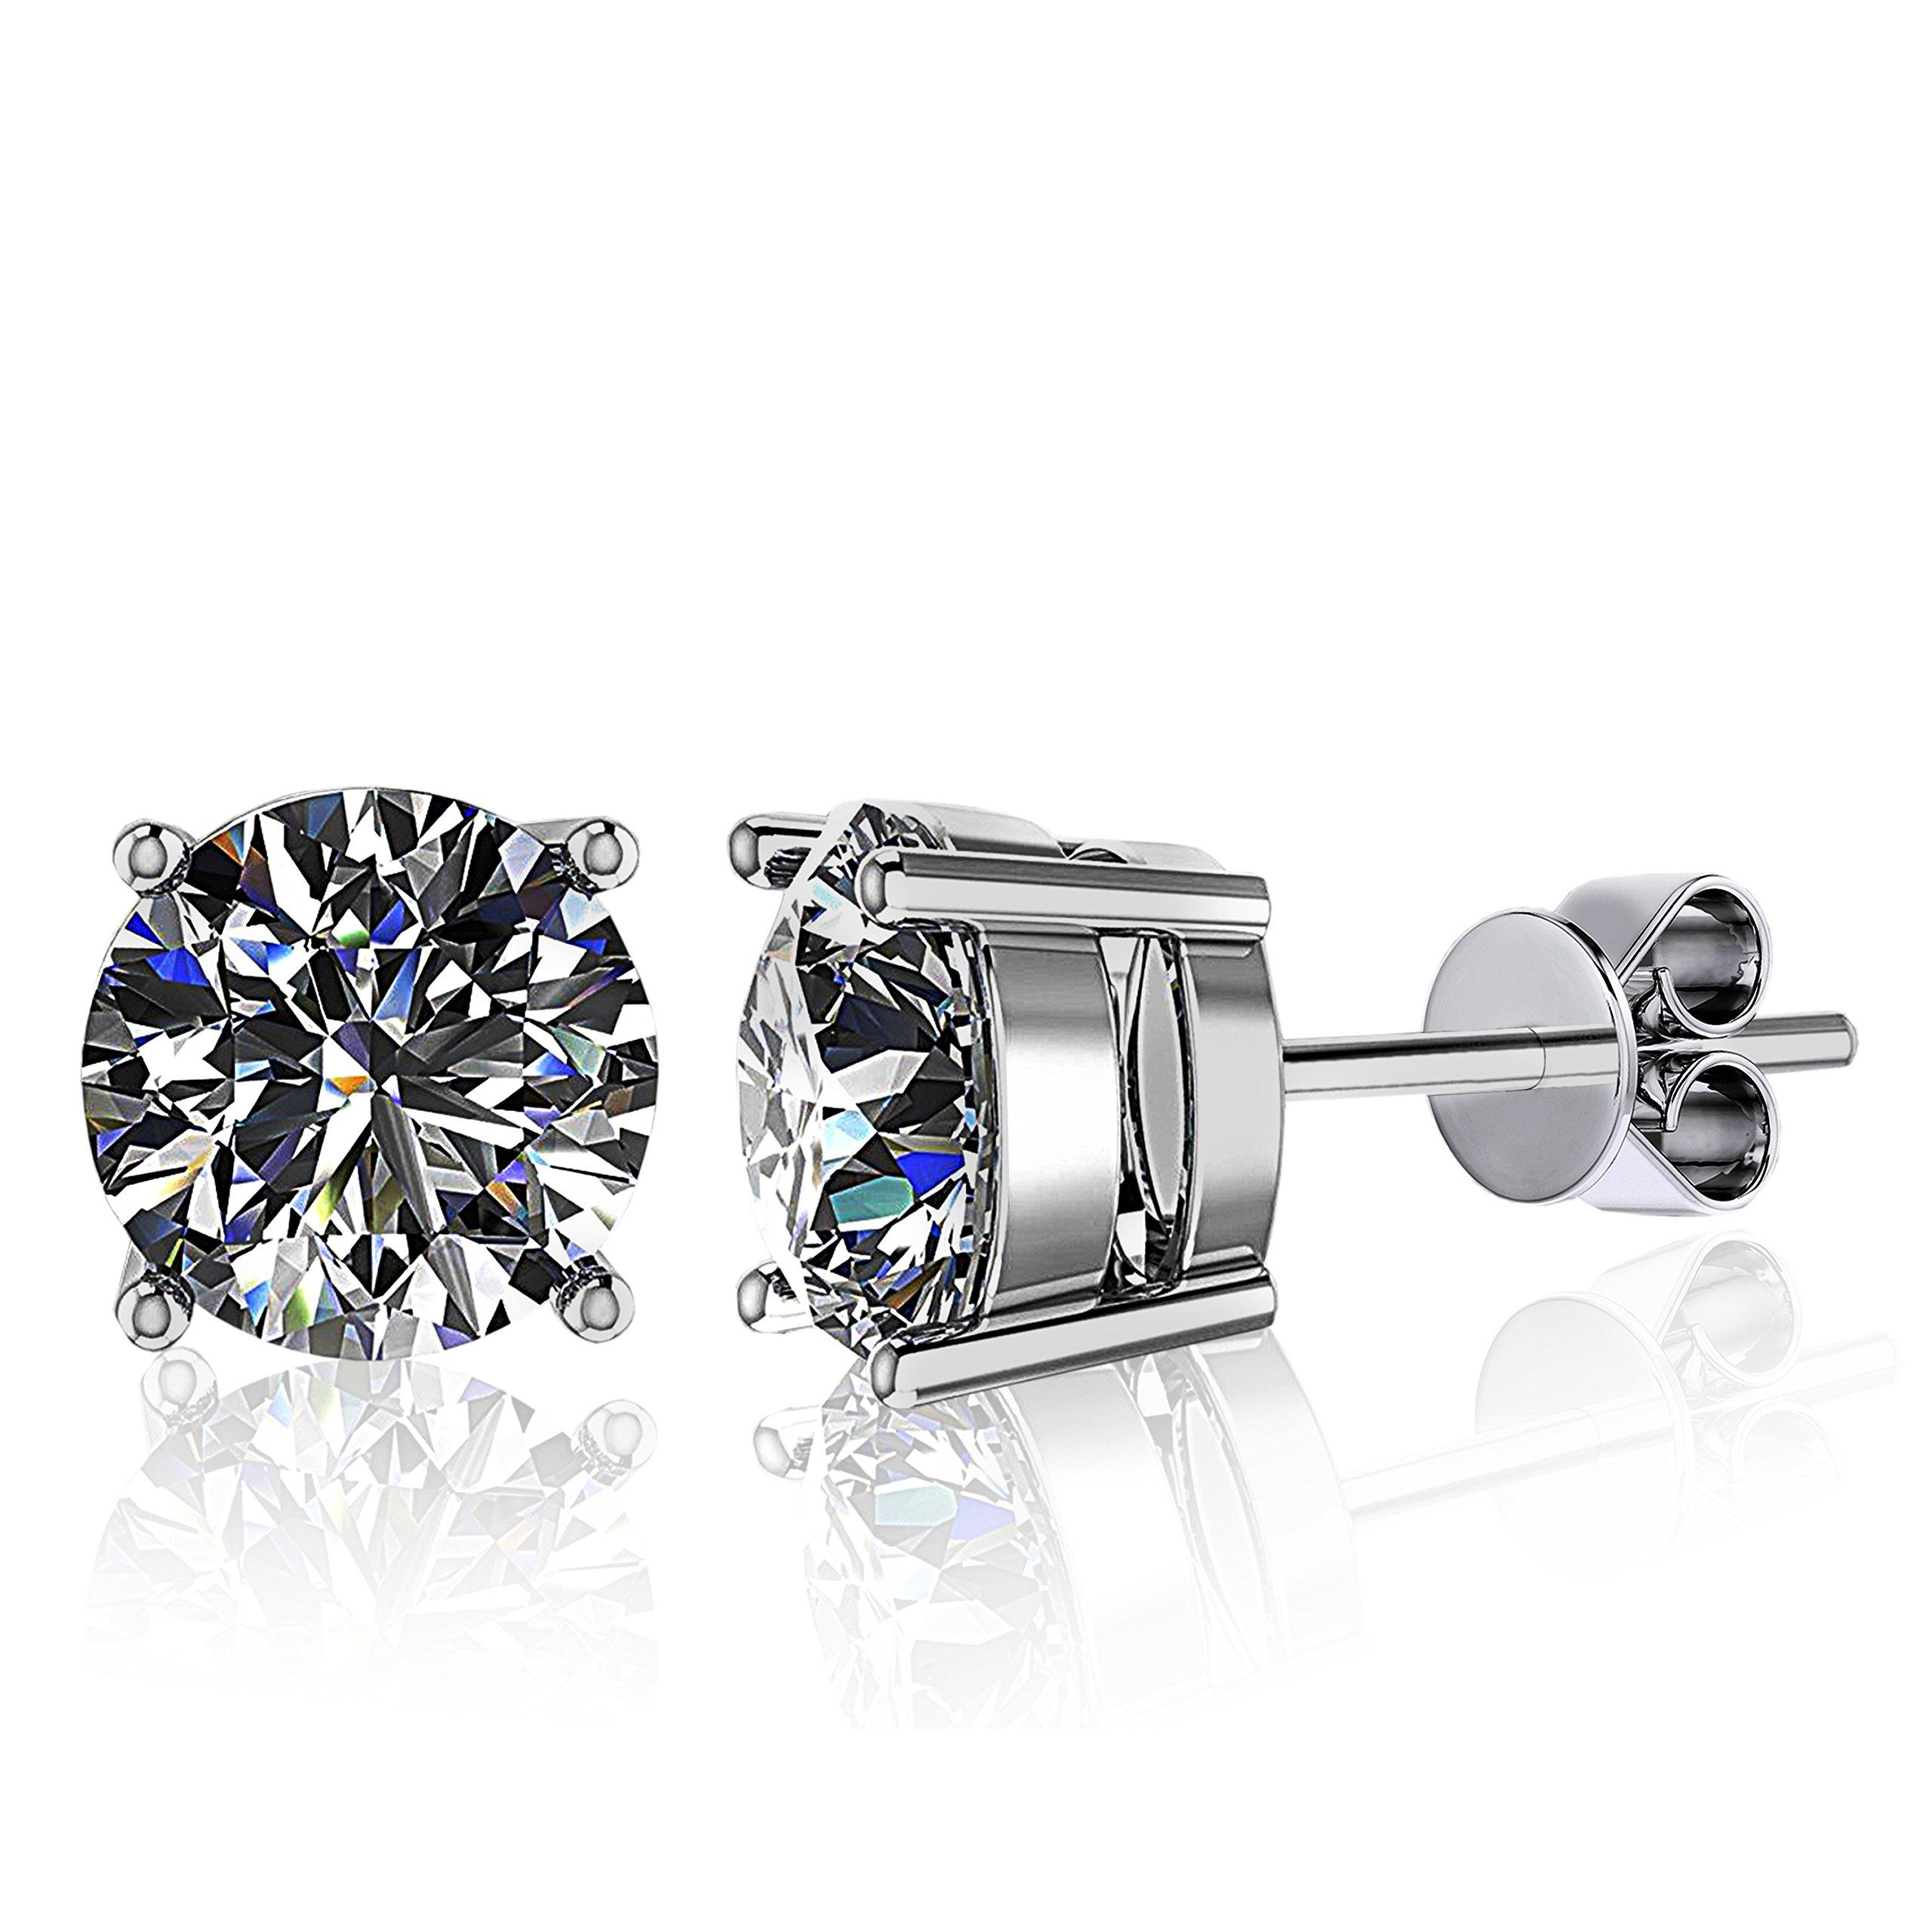 Juliani Hypoallergenic Stud Earrings Jewelry - 6mm 1.7 CTTW CZ 18K Gold Plated For Women Men Boys Girls